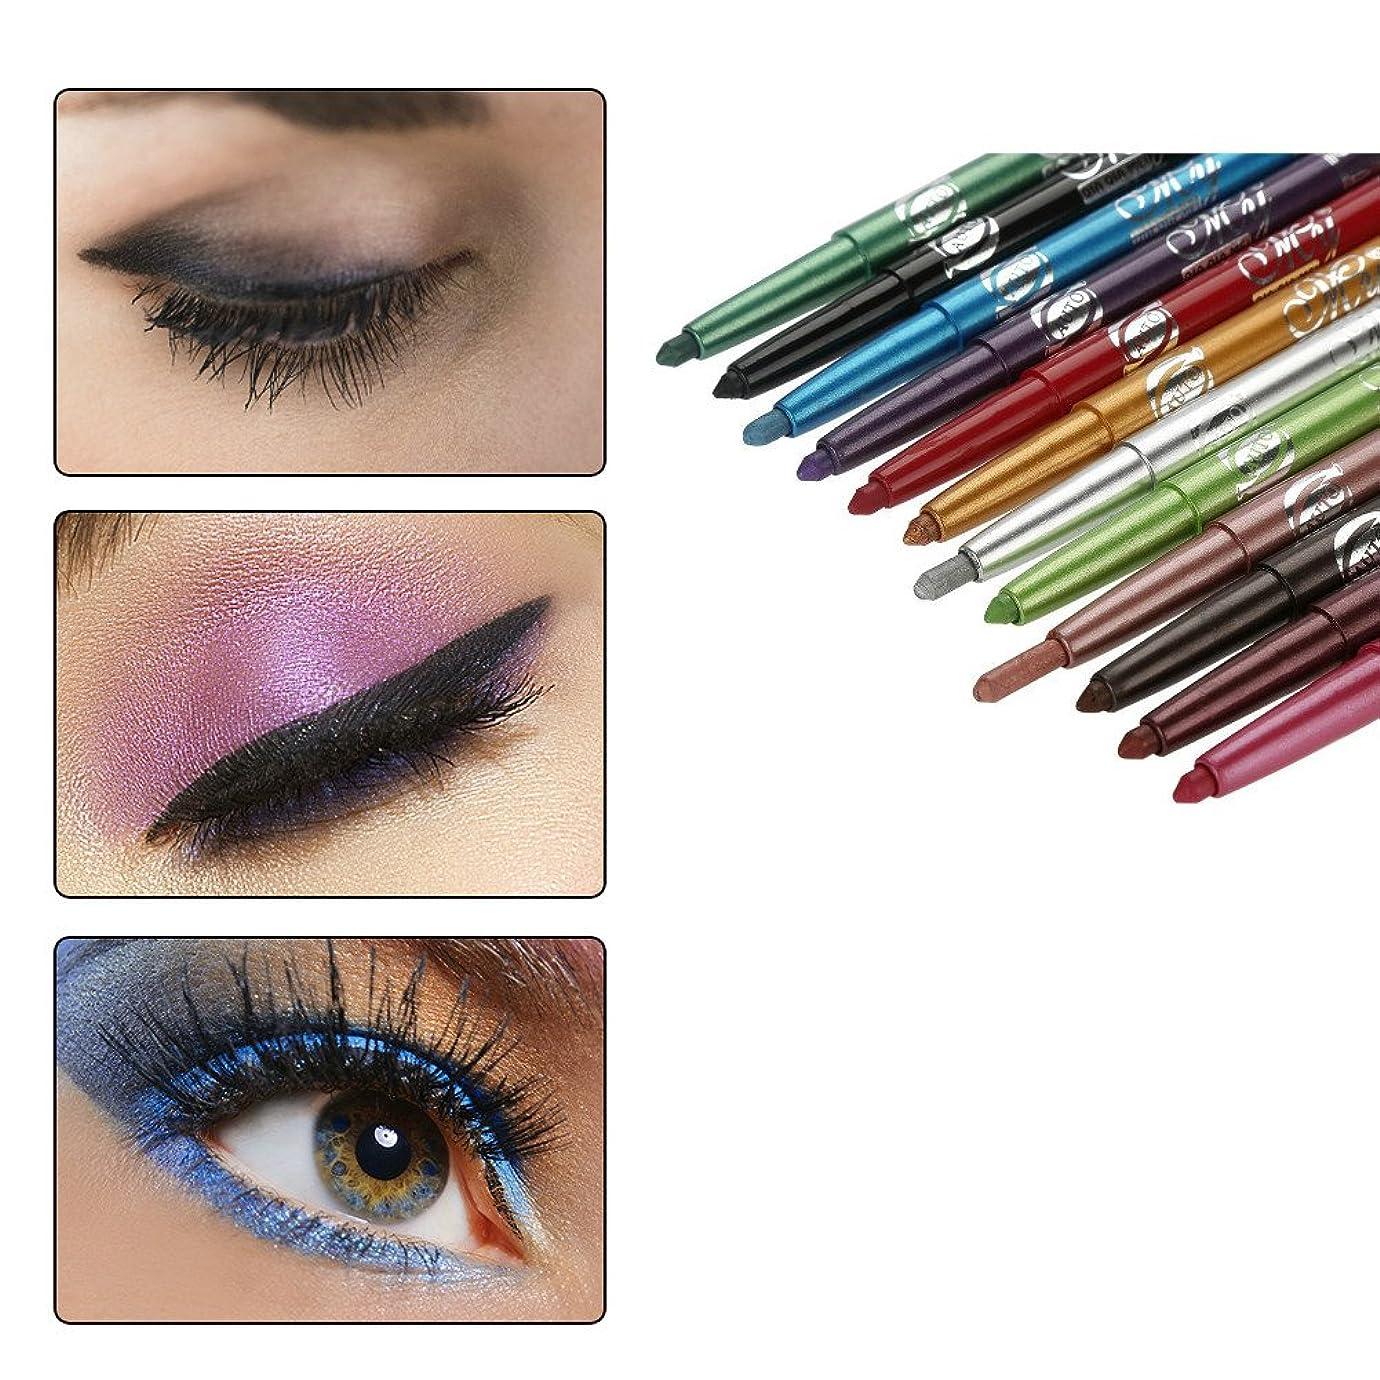 化学ペース計器12色のアイシャドーアイライナー リップライナーペンシル 化粧ペン メイクアップセット 防水 長持ち 人気